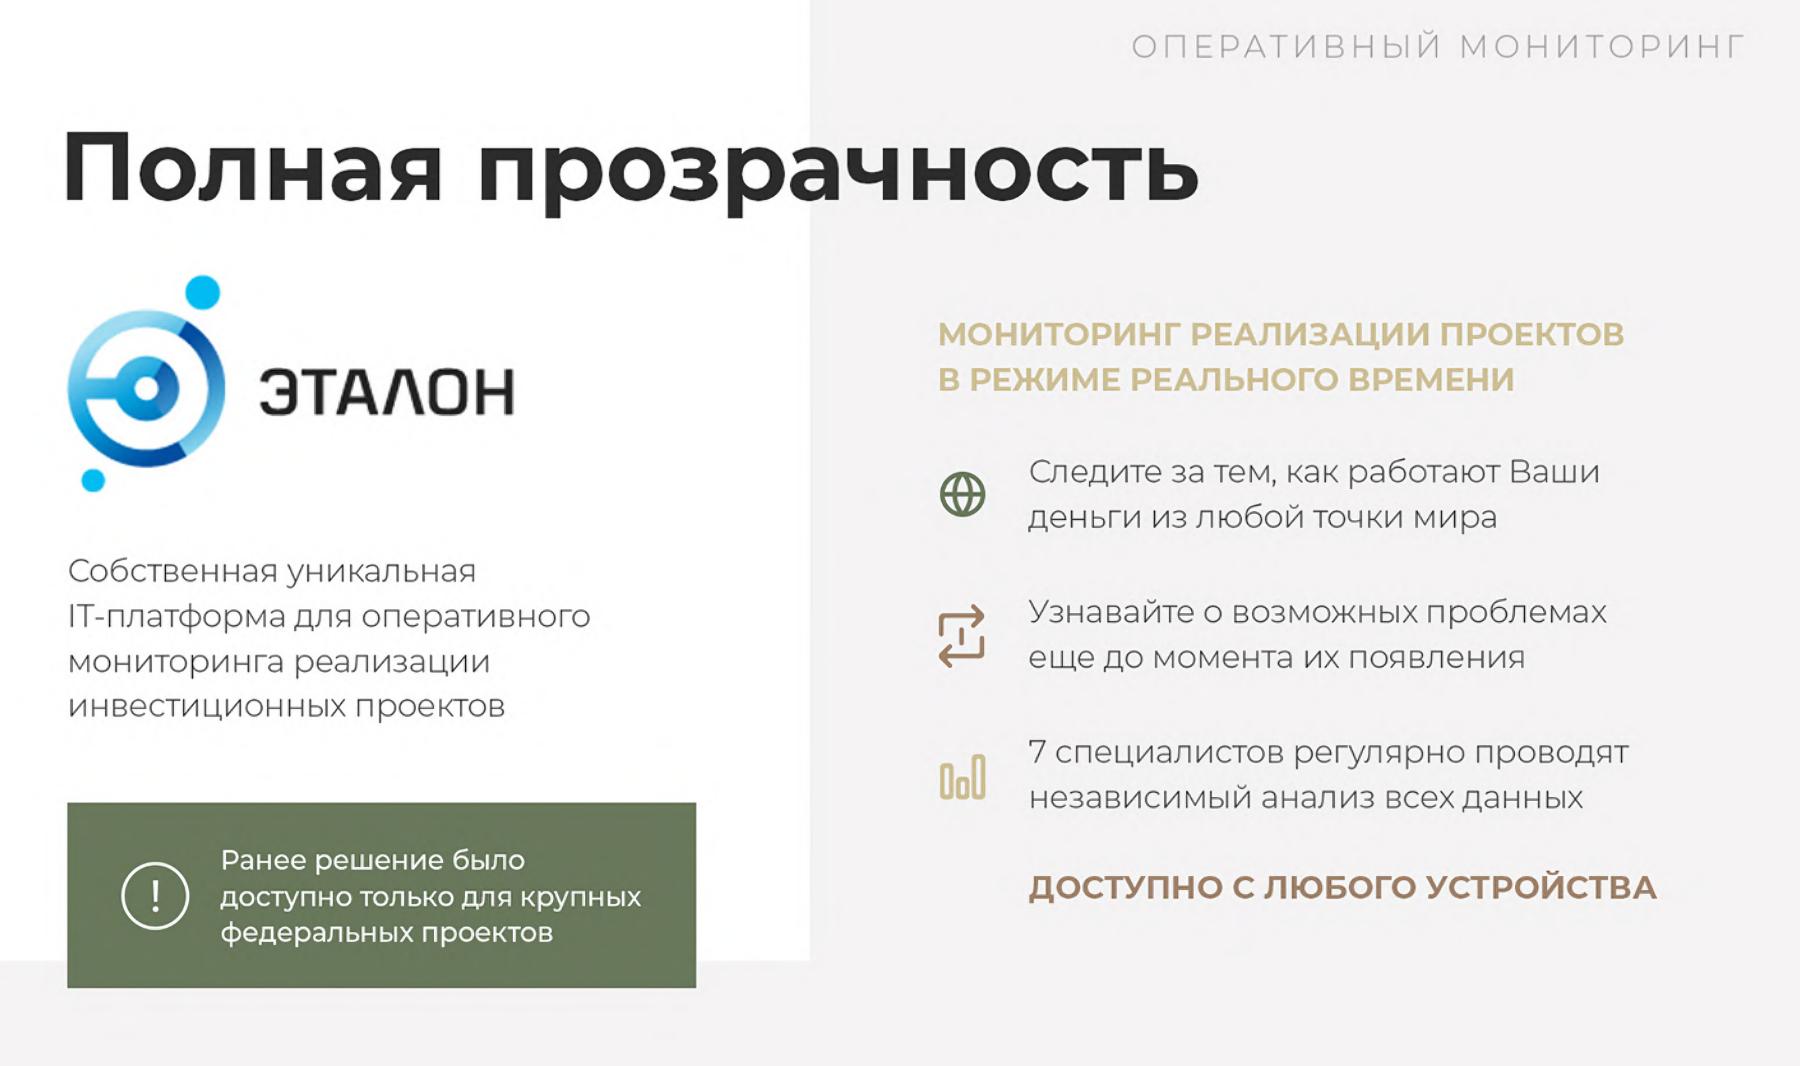 В презентации сервиса дляинвесторовI. F. Russia представляет «Эталон» как собственную разработку, но я сомневаюсь, что этотак